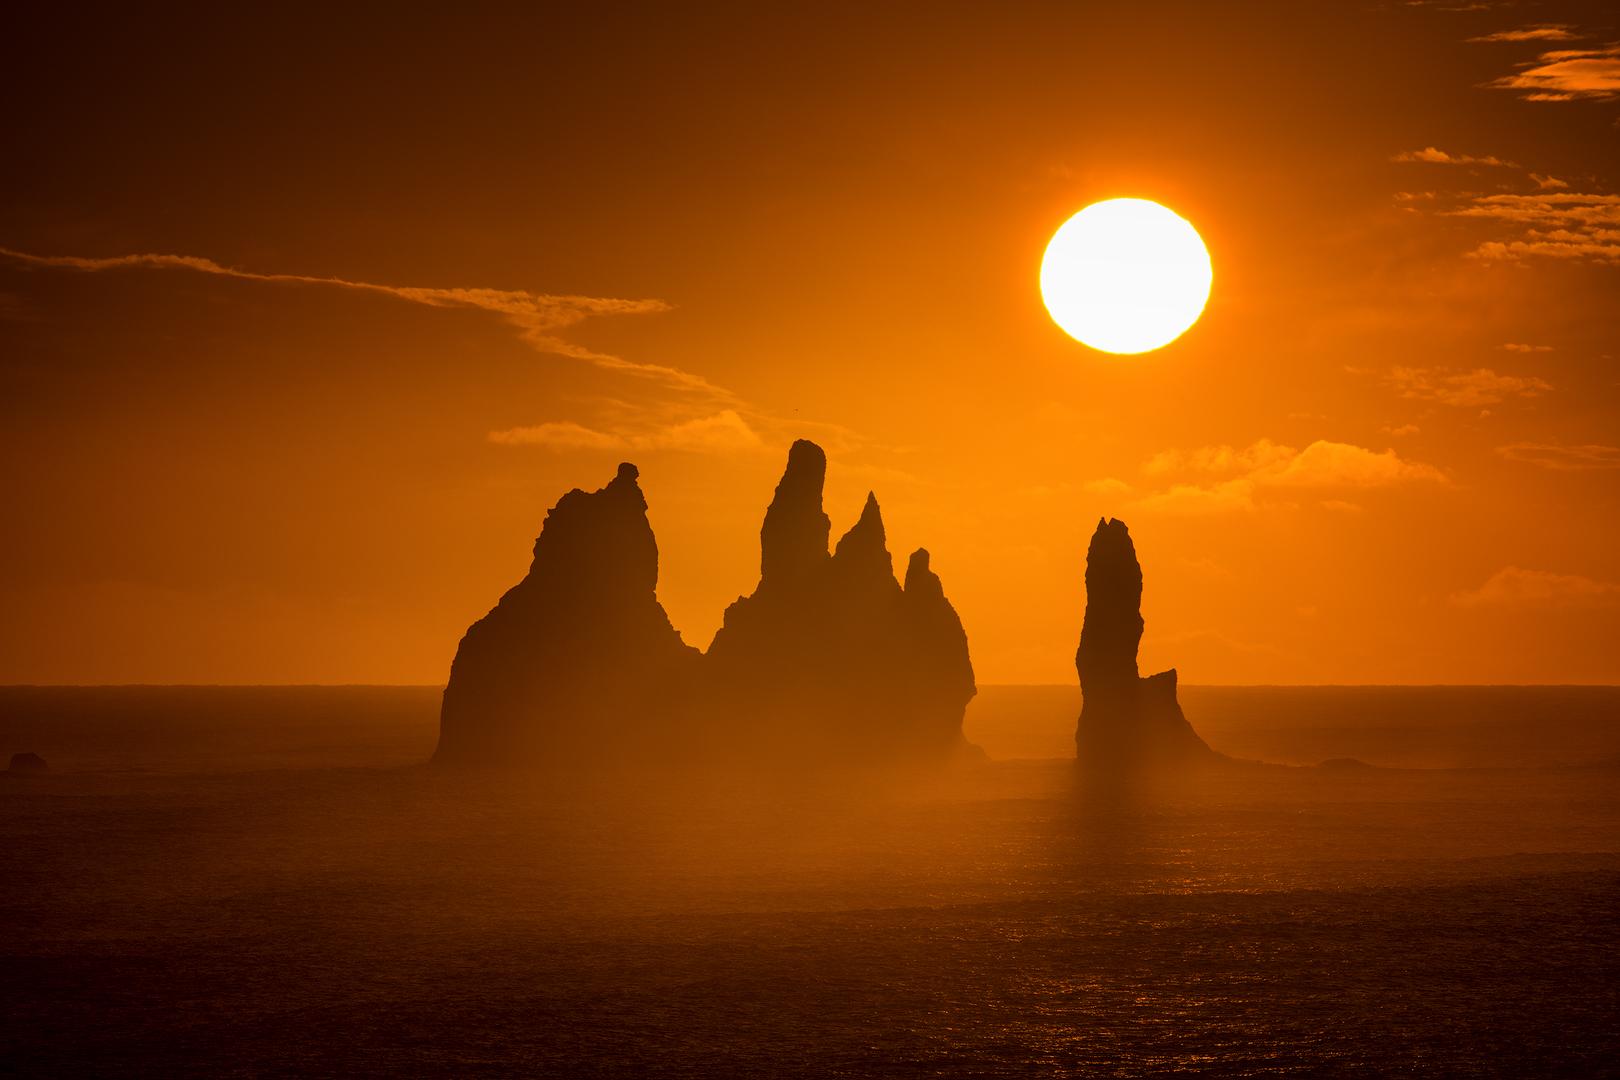 El sol sobre las pilas de roca Reynisdrangar, al lado de la costa hasta la playa de arena negra Reynisfjara.